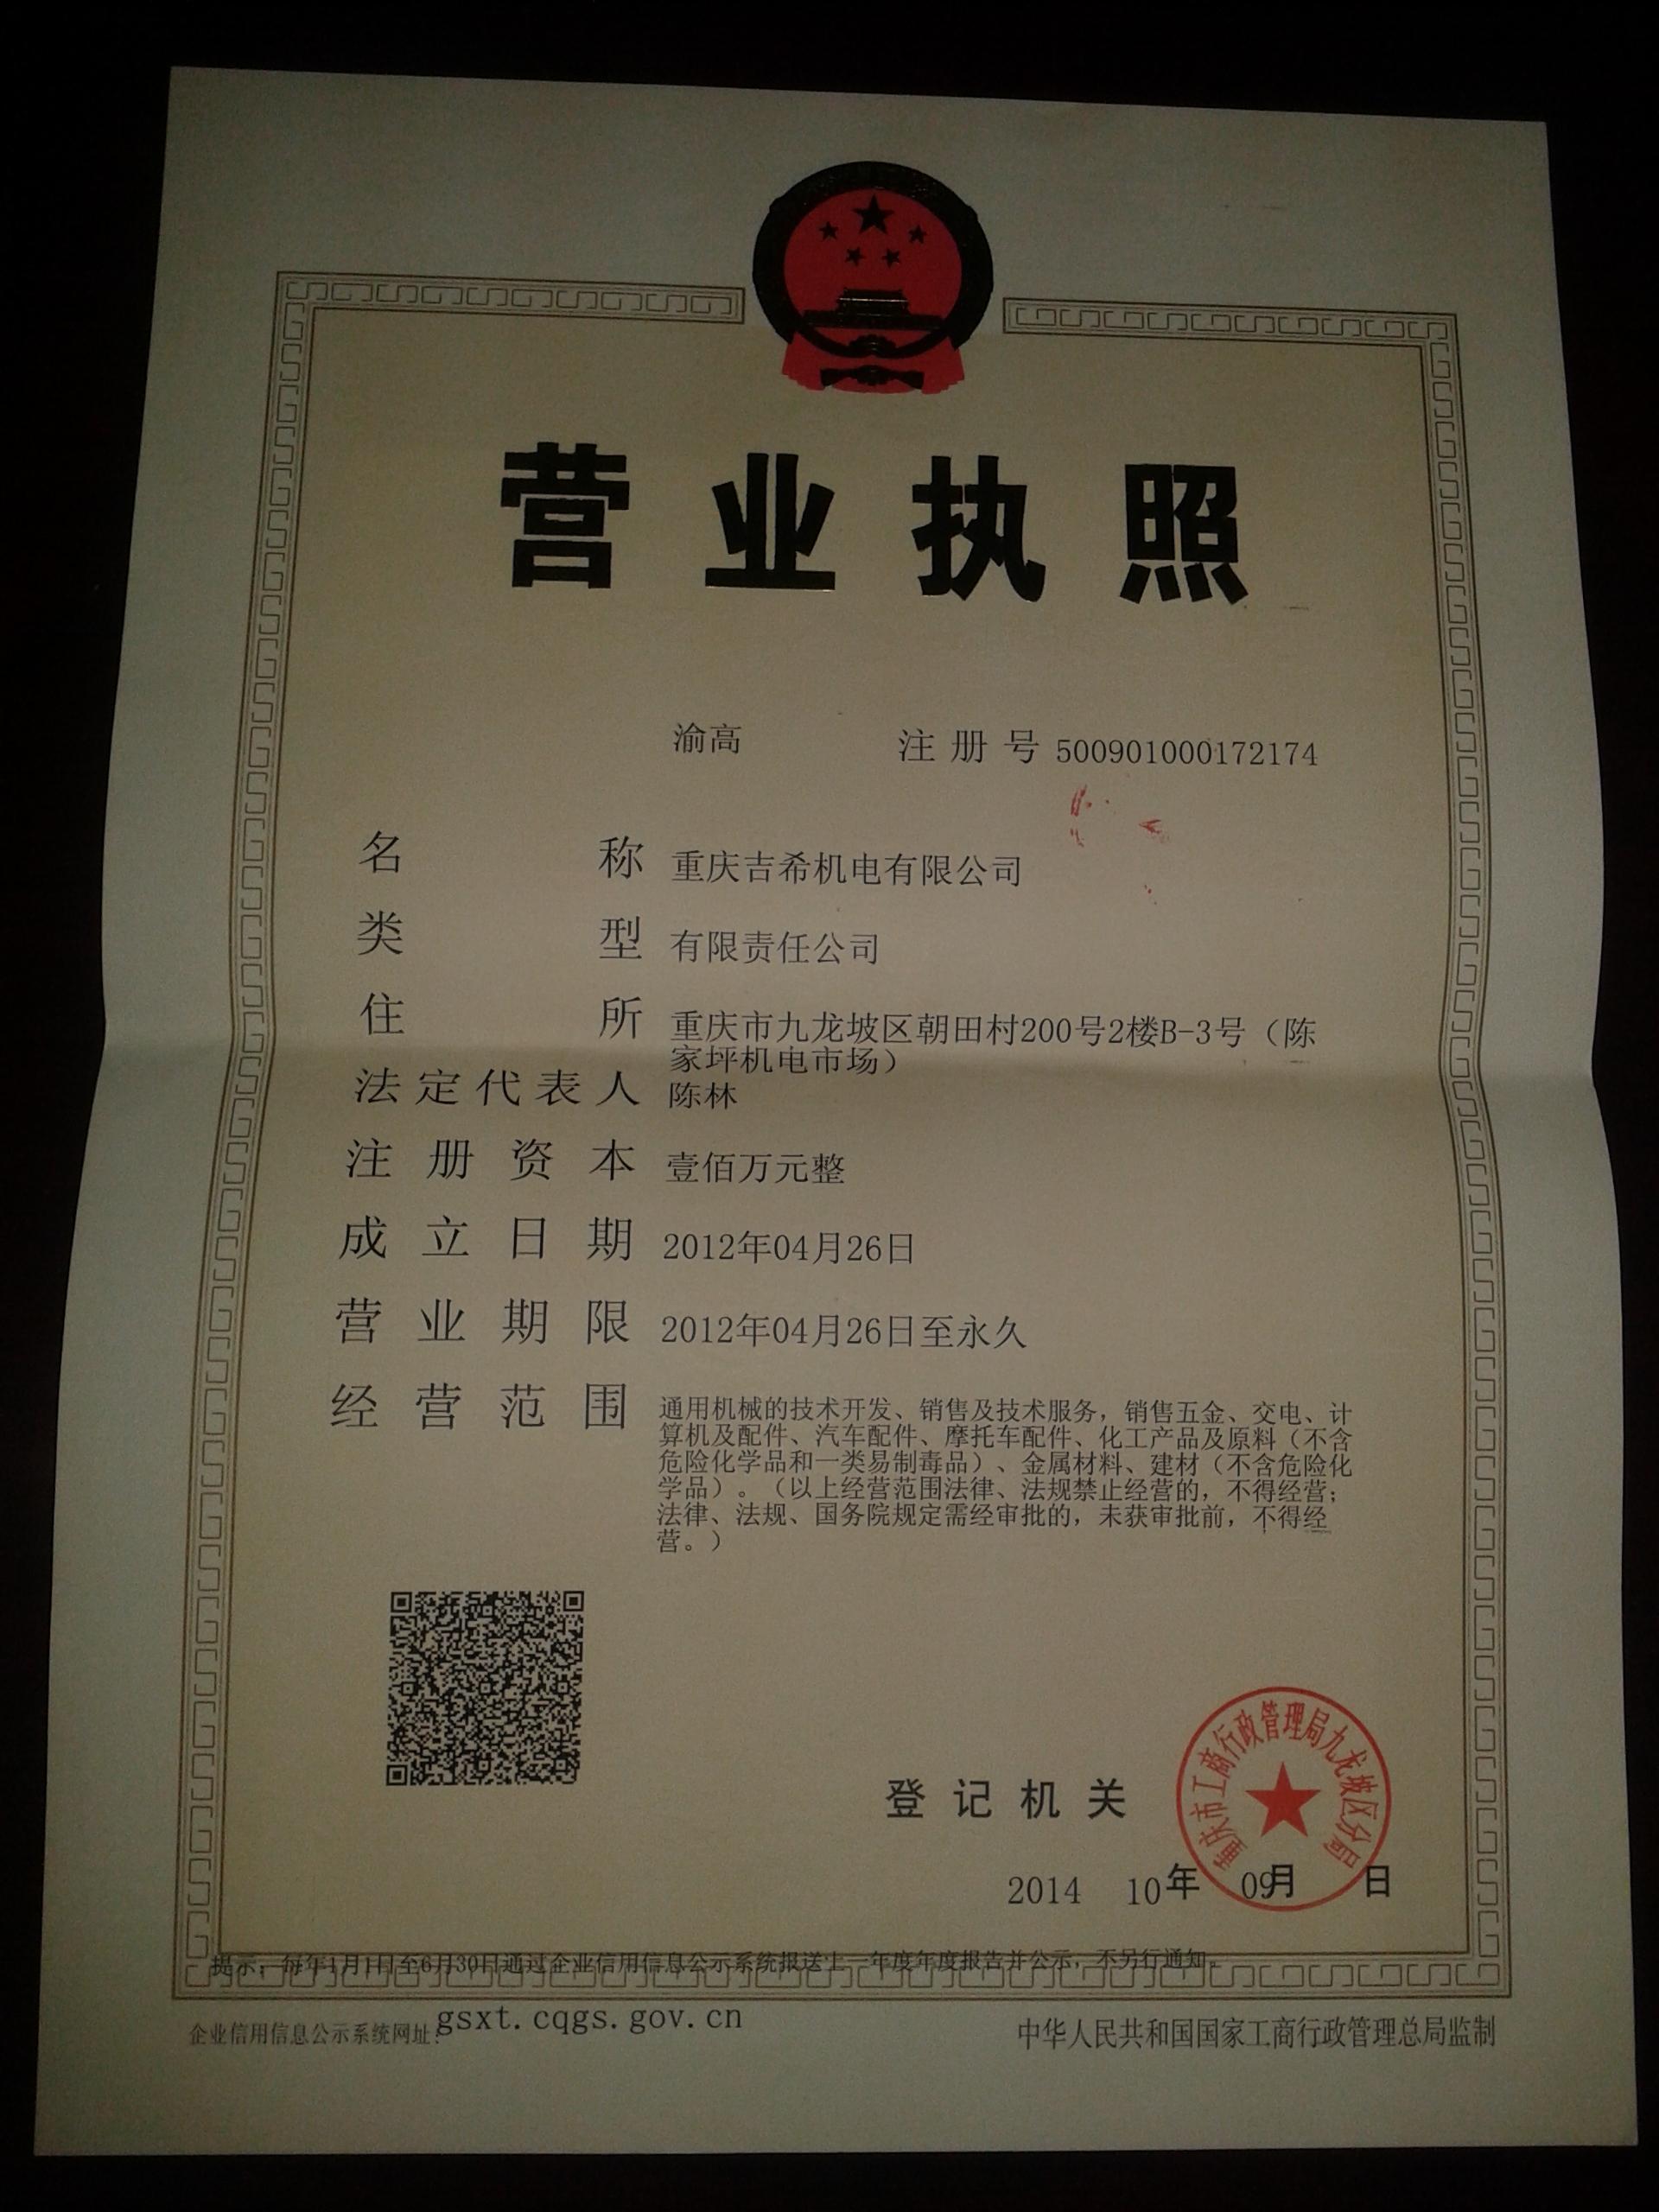 重庆吉希机电有限公司营业执照、税务登记证、组织机构代码证